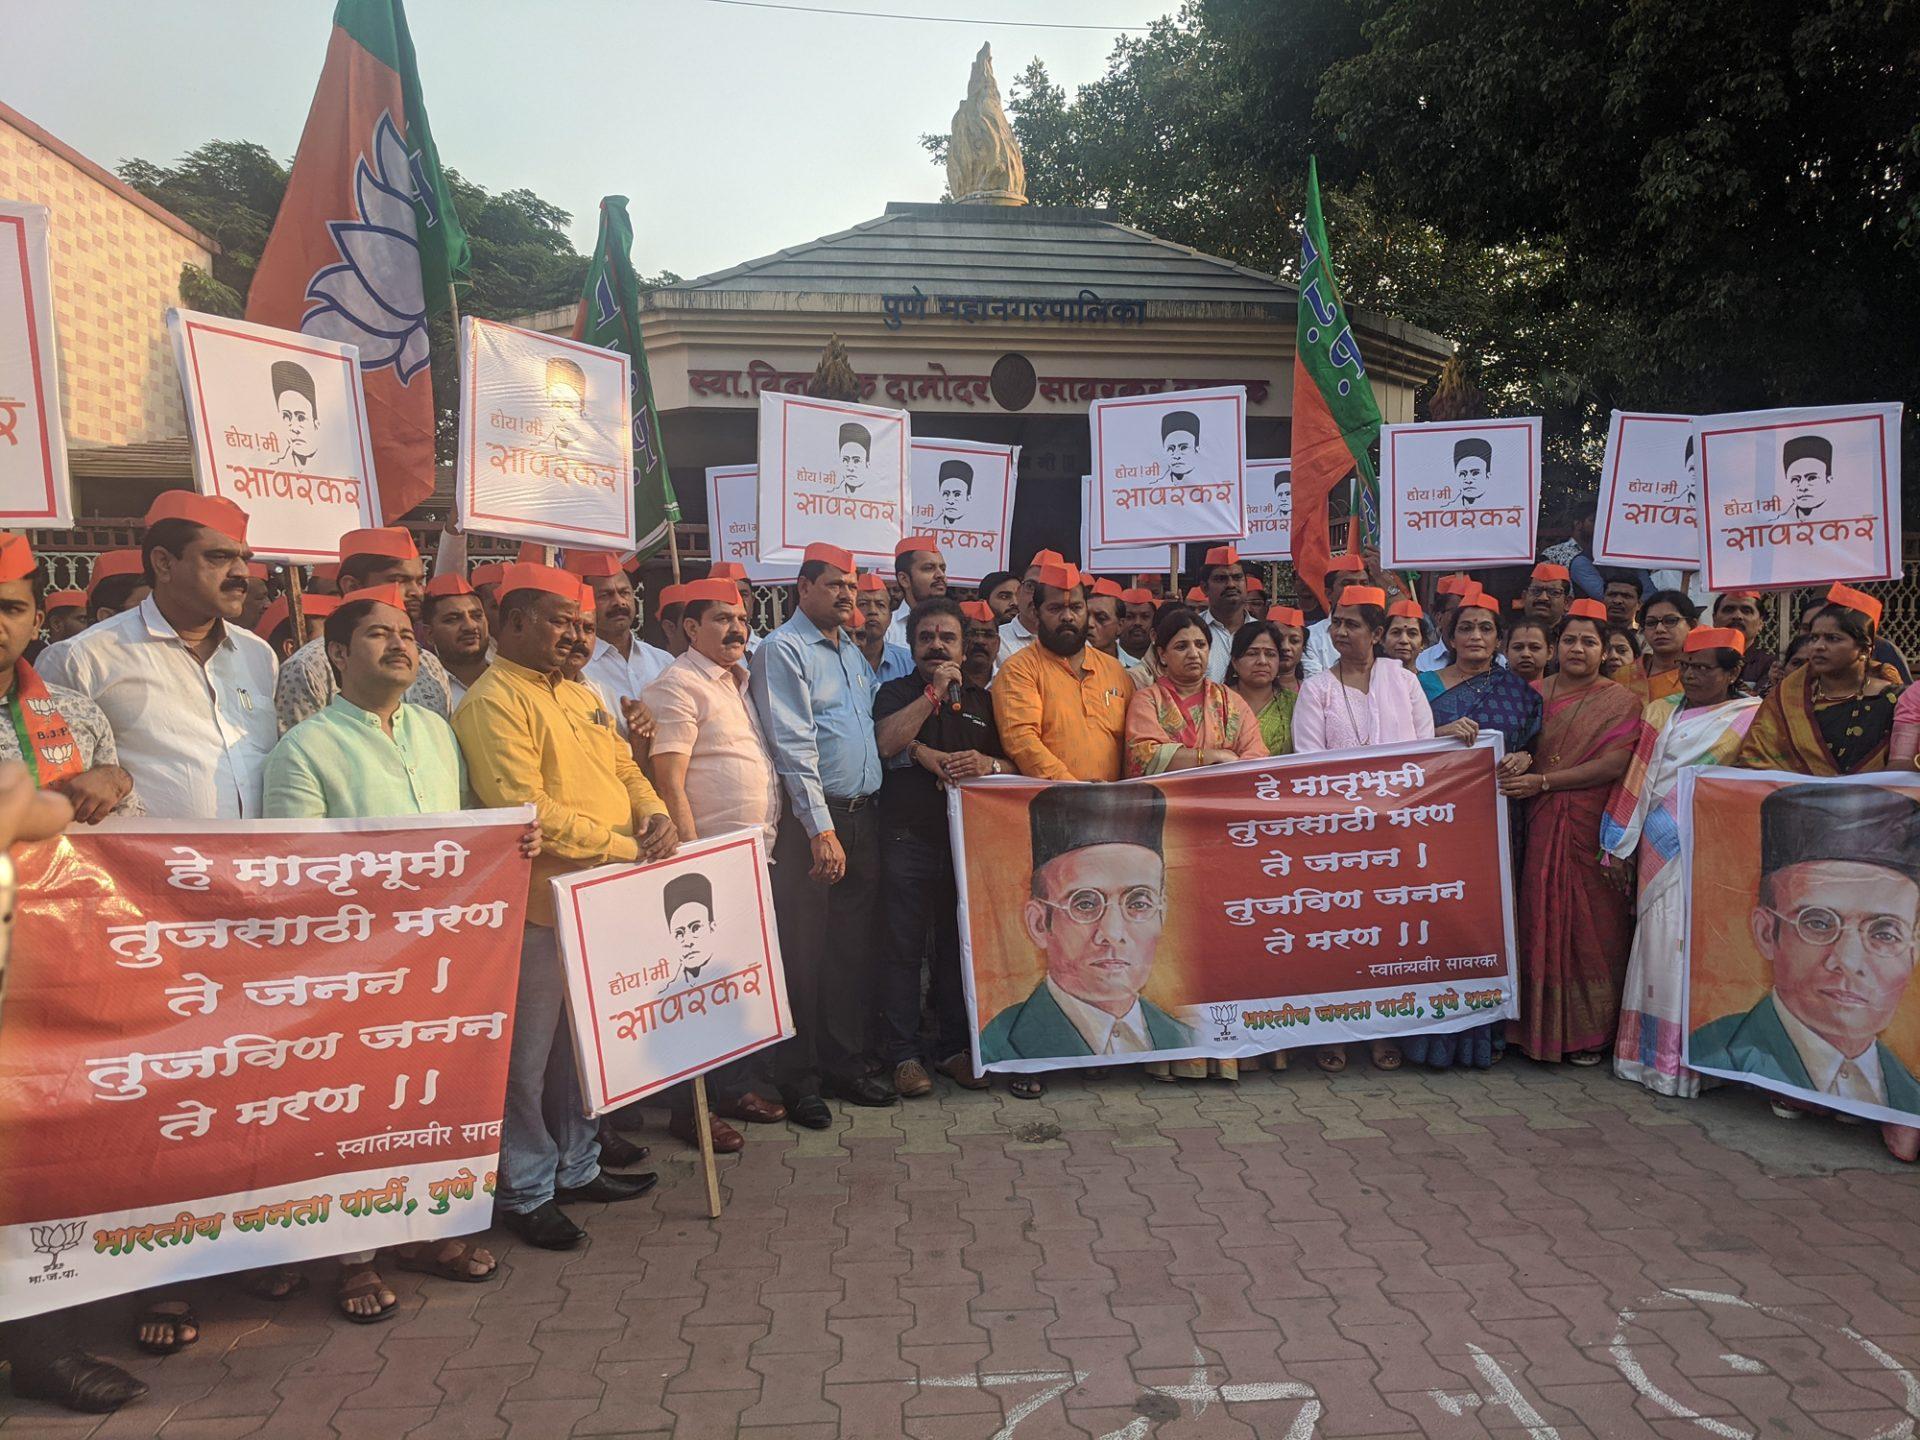 राहुल गांधींना देशात राहण्याचा अधिकार नाही - हेमंत रासने